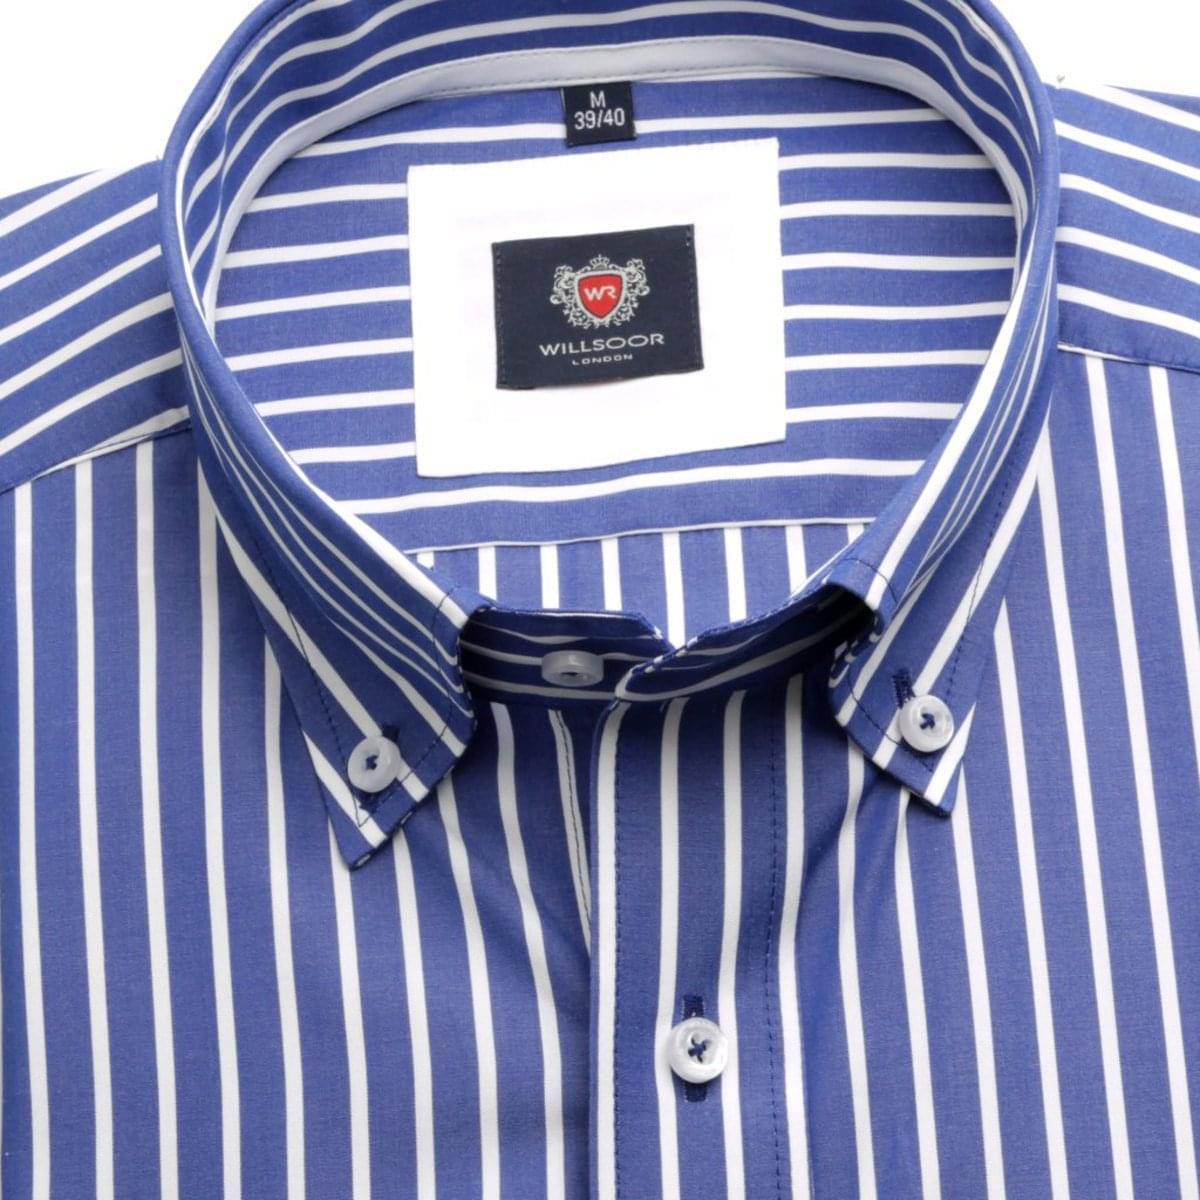 Pánská košile London (výška 176-182) 5822 v modré barvě s proužkem